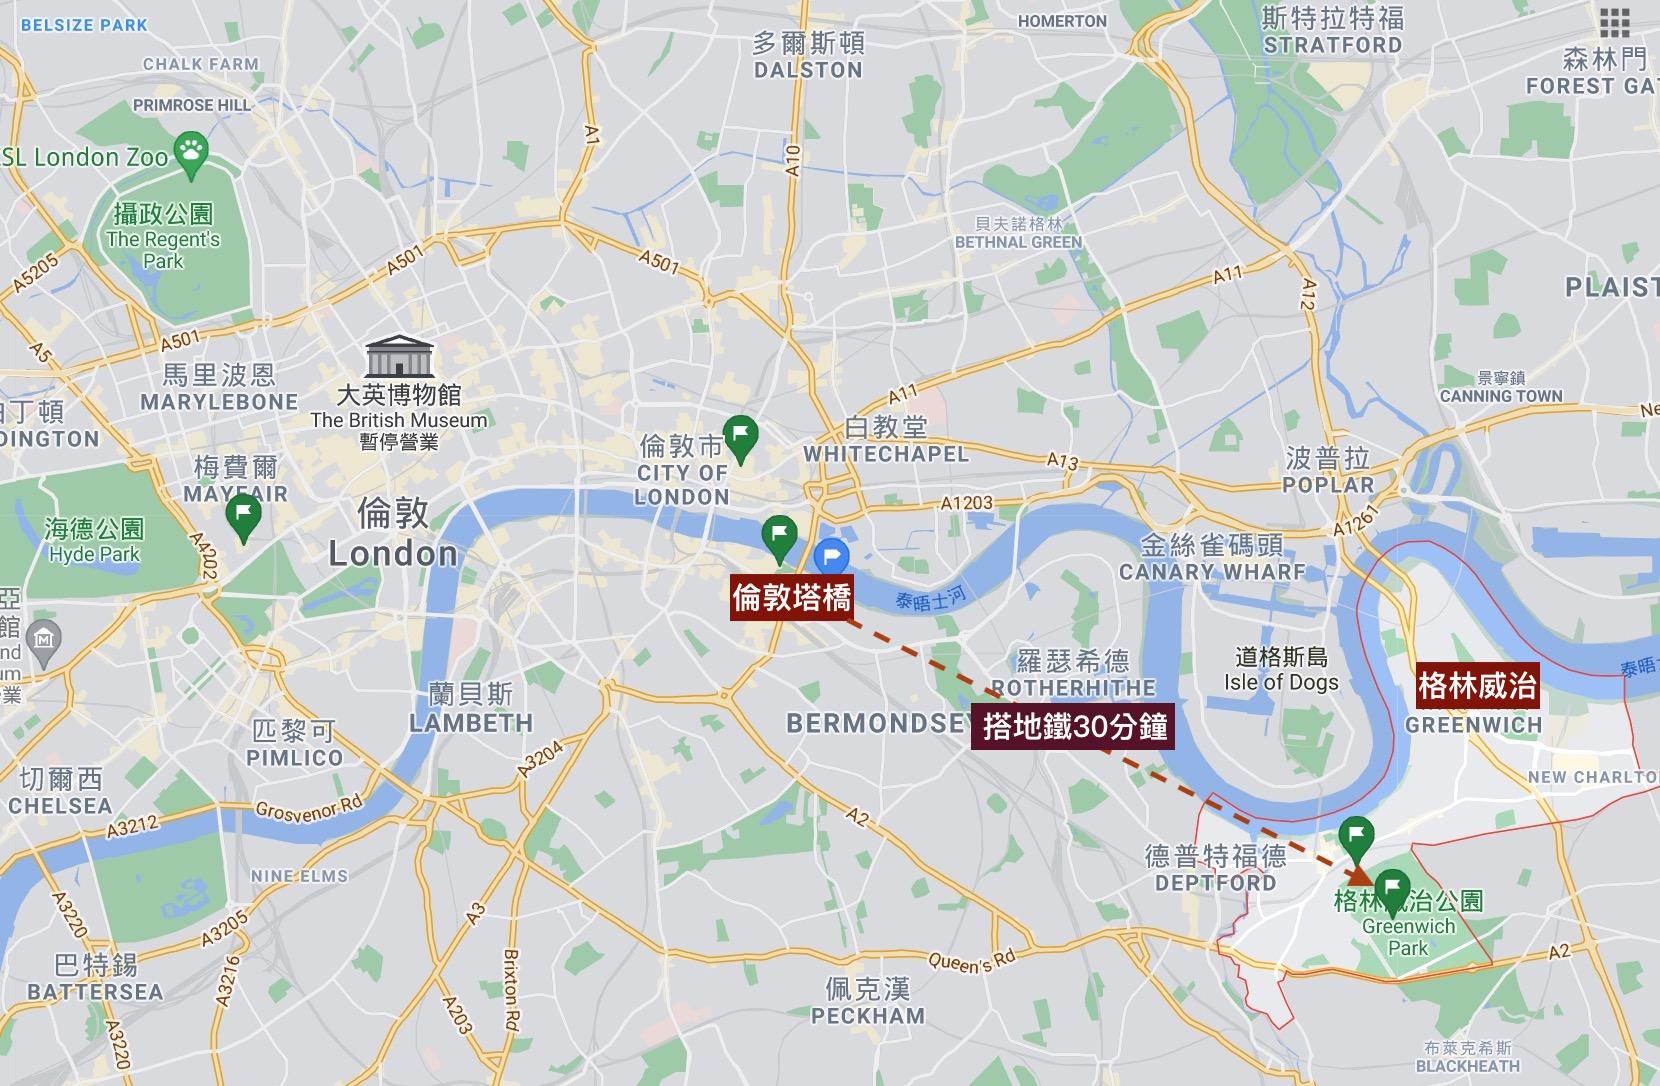 從倫敦市中心搭地鐵到格林威治,只要30分鐘。